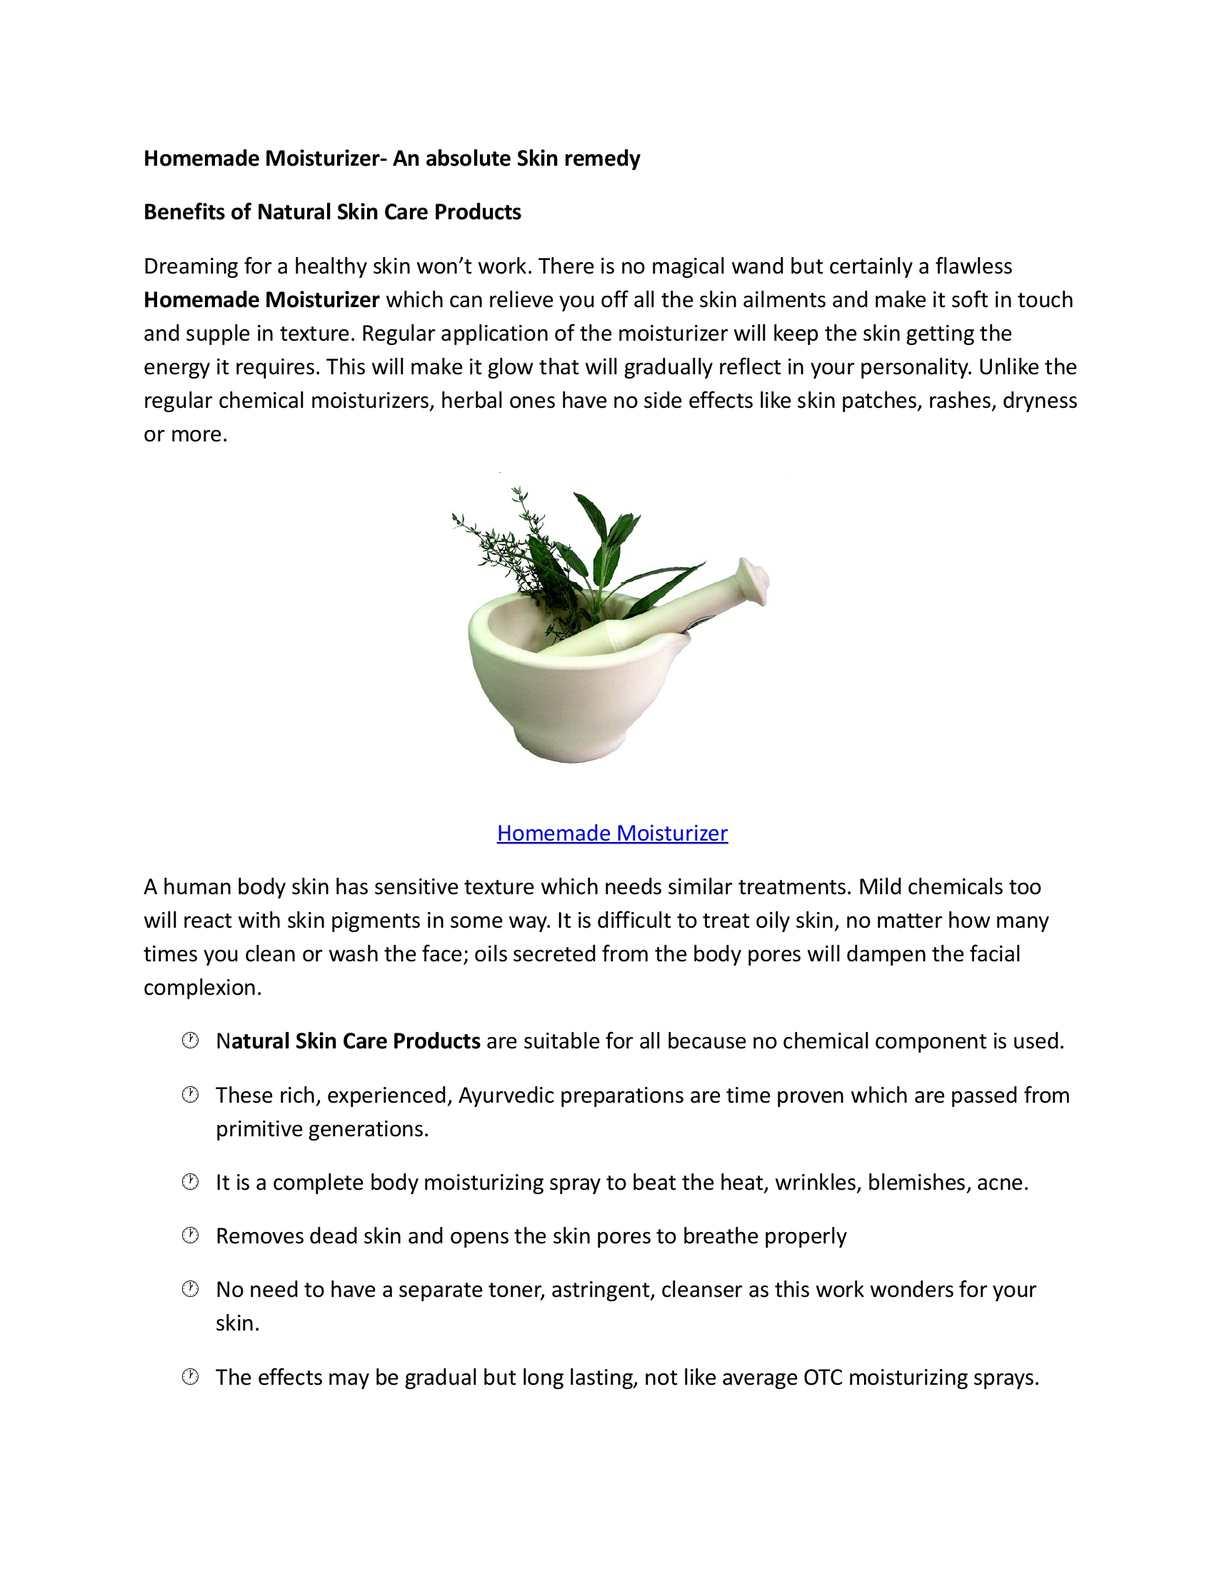 Homemade Moisturizer- An absolute Skin remedy